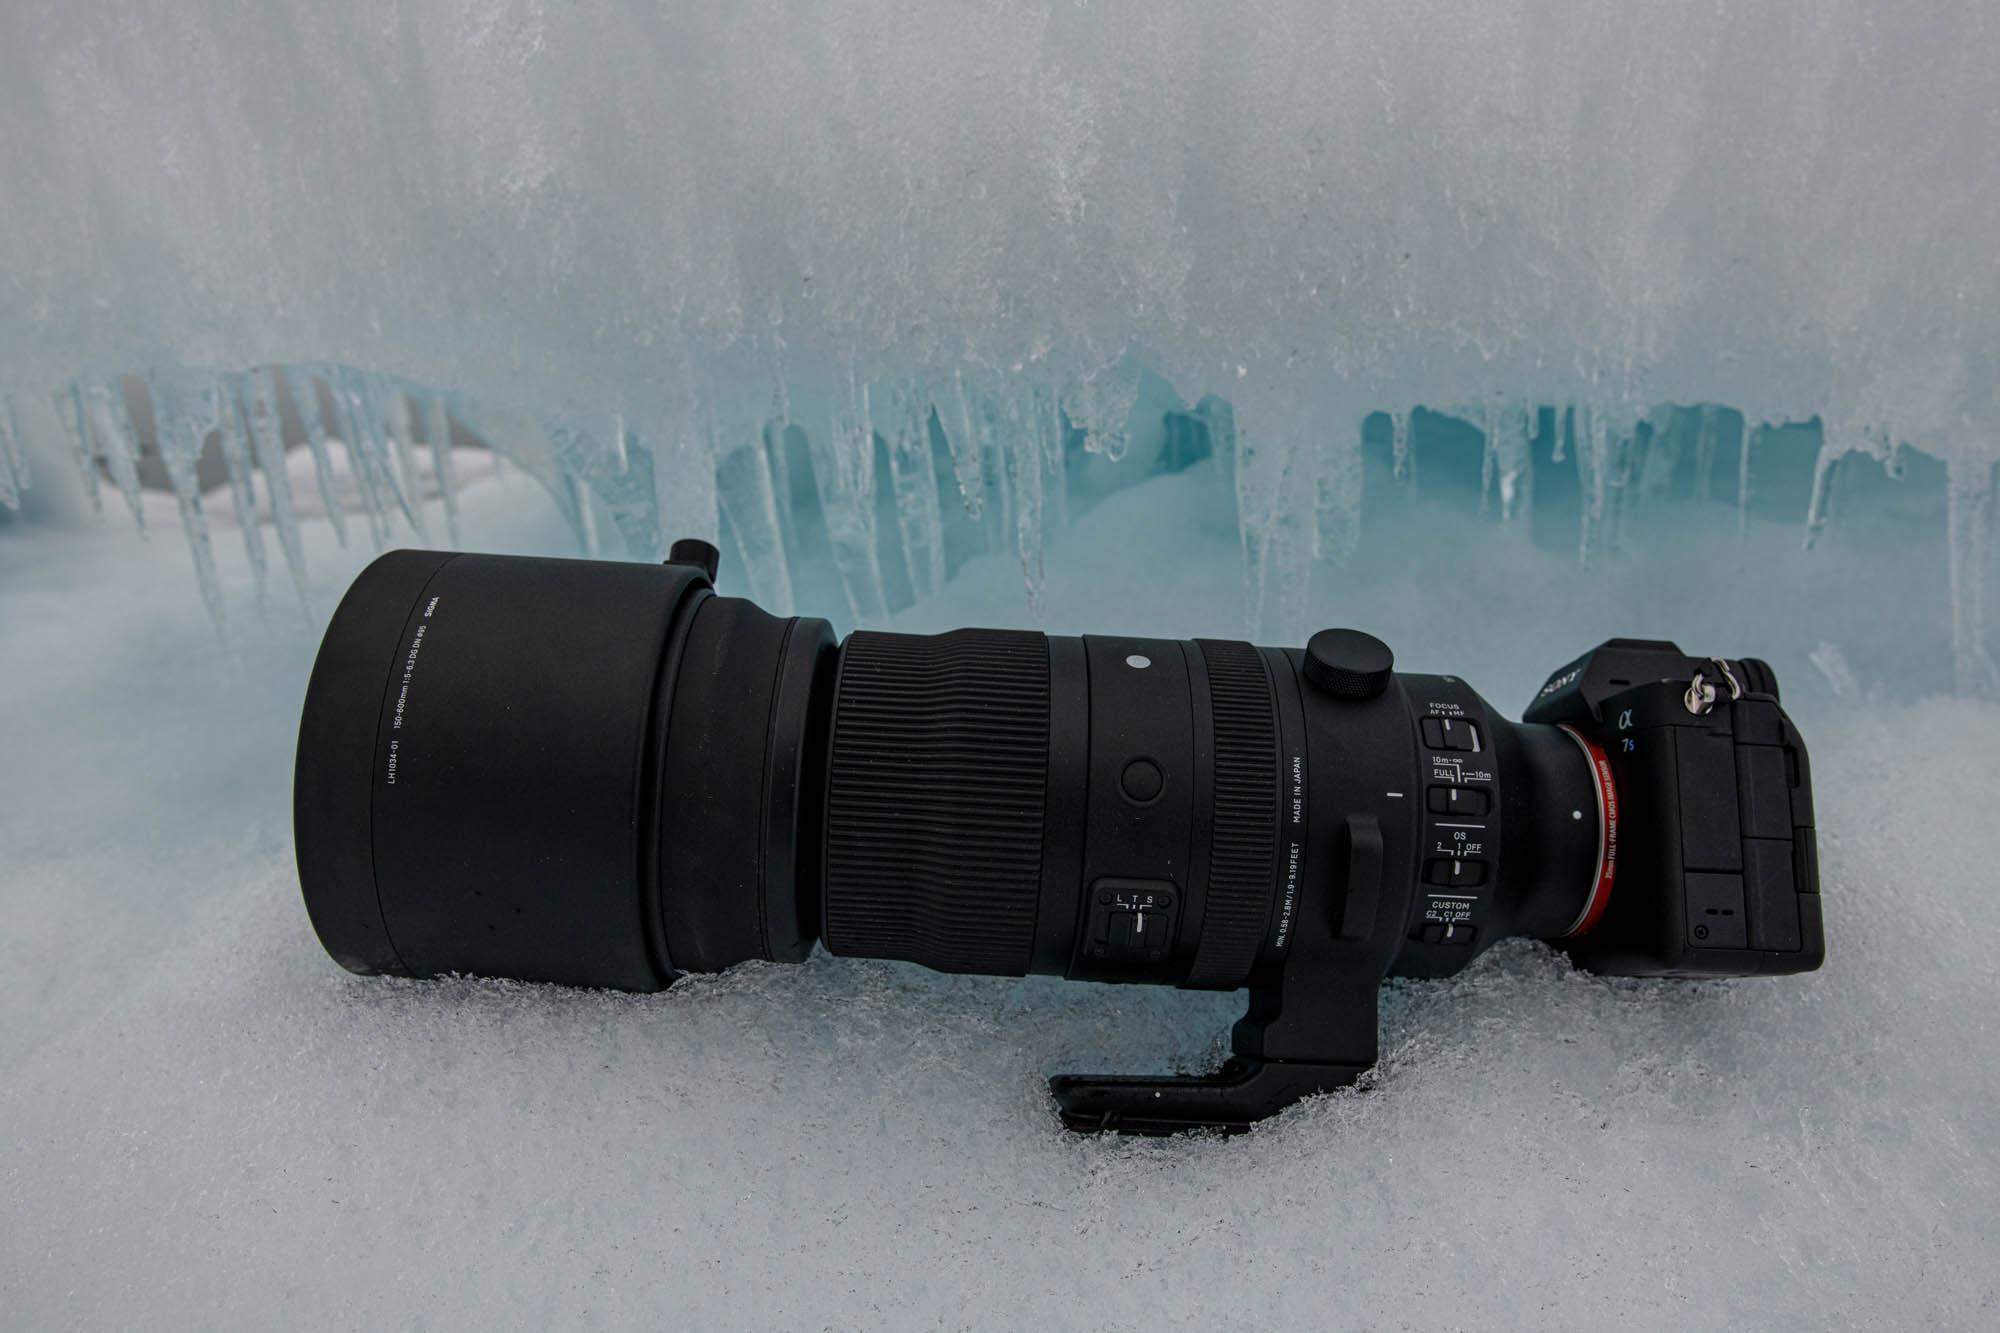 Arktisreise mit dem SIGMA 150-600mm F5-6,3 DG DN OS | Sports © Michael Ginzburg